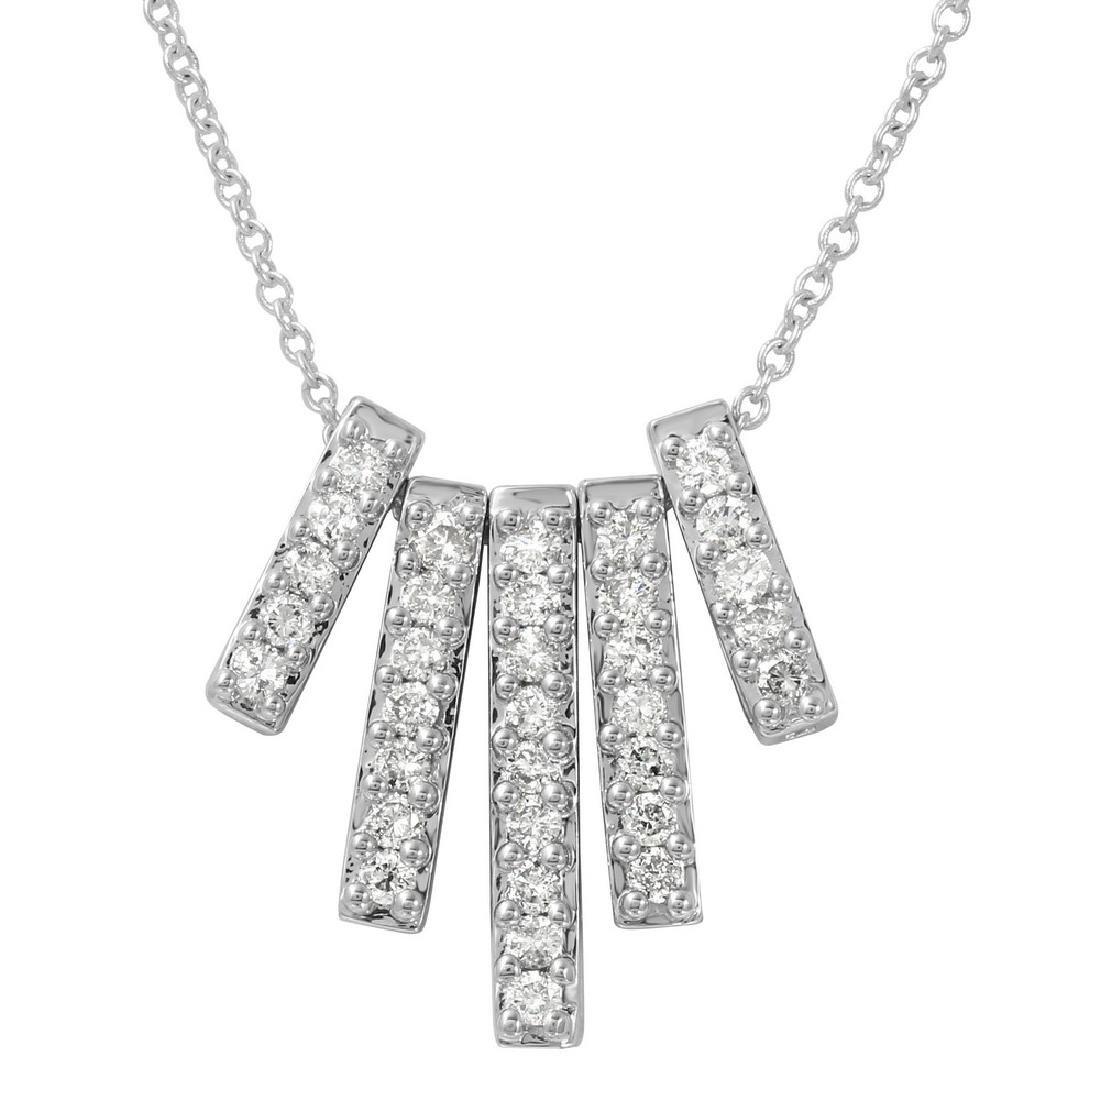 0.5 CTW Diamond Slider w/ Chain Necklace in 14K White